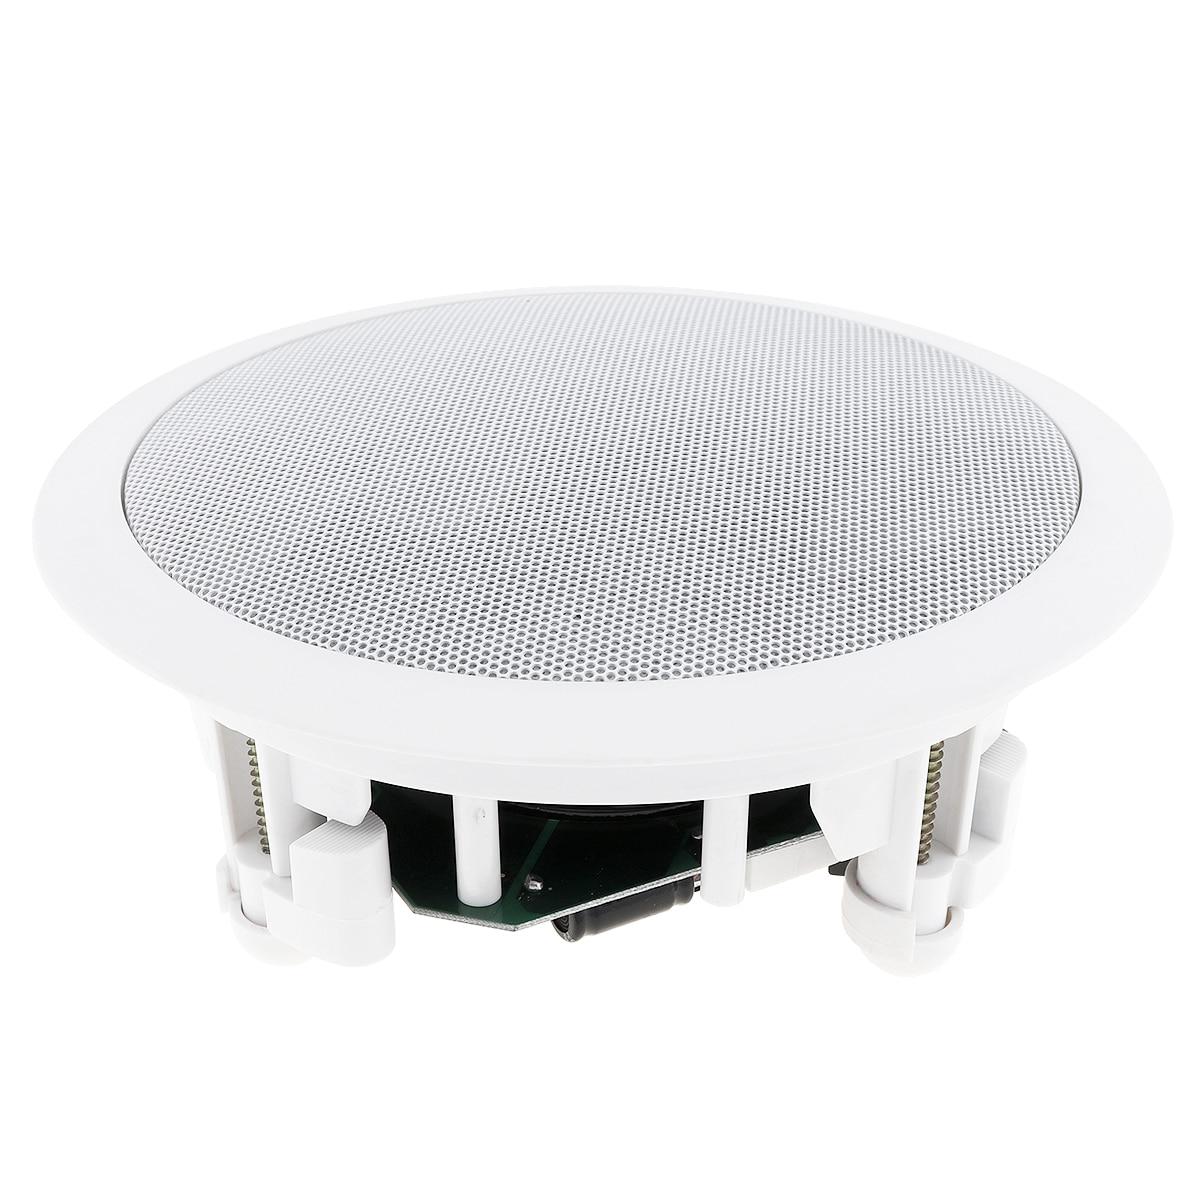 Nuevo altavoz de techo montado en la pared CSL-718 de 25W, barra de sonido para DJ y música, altavoces para TV, compatible con Home Store